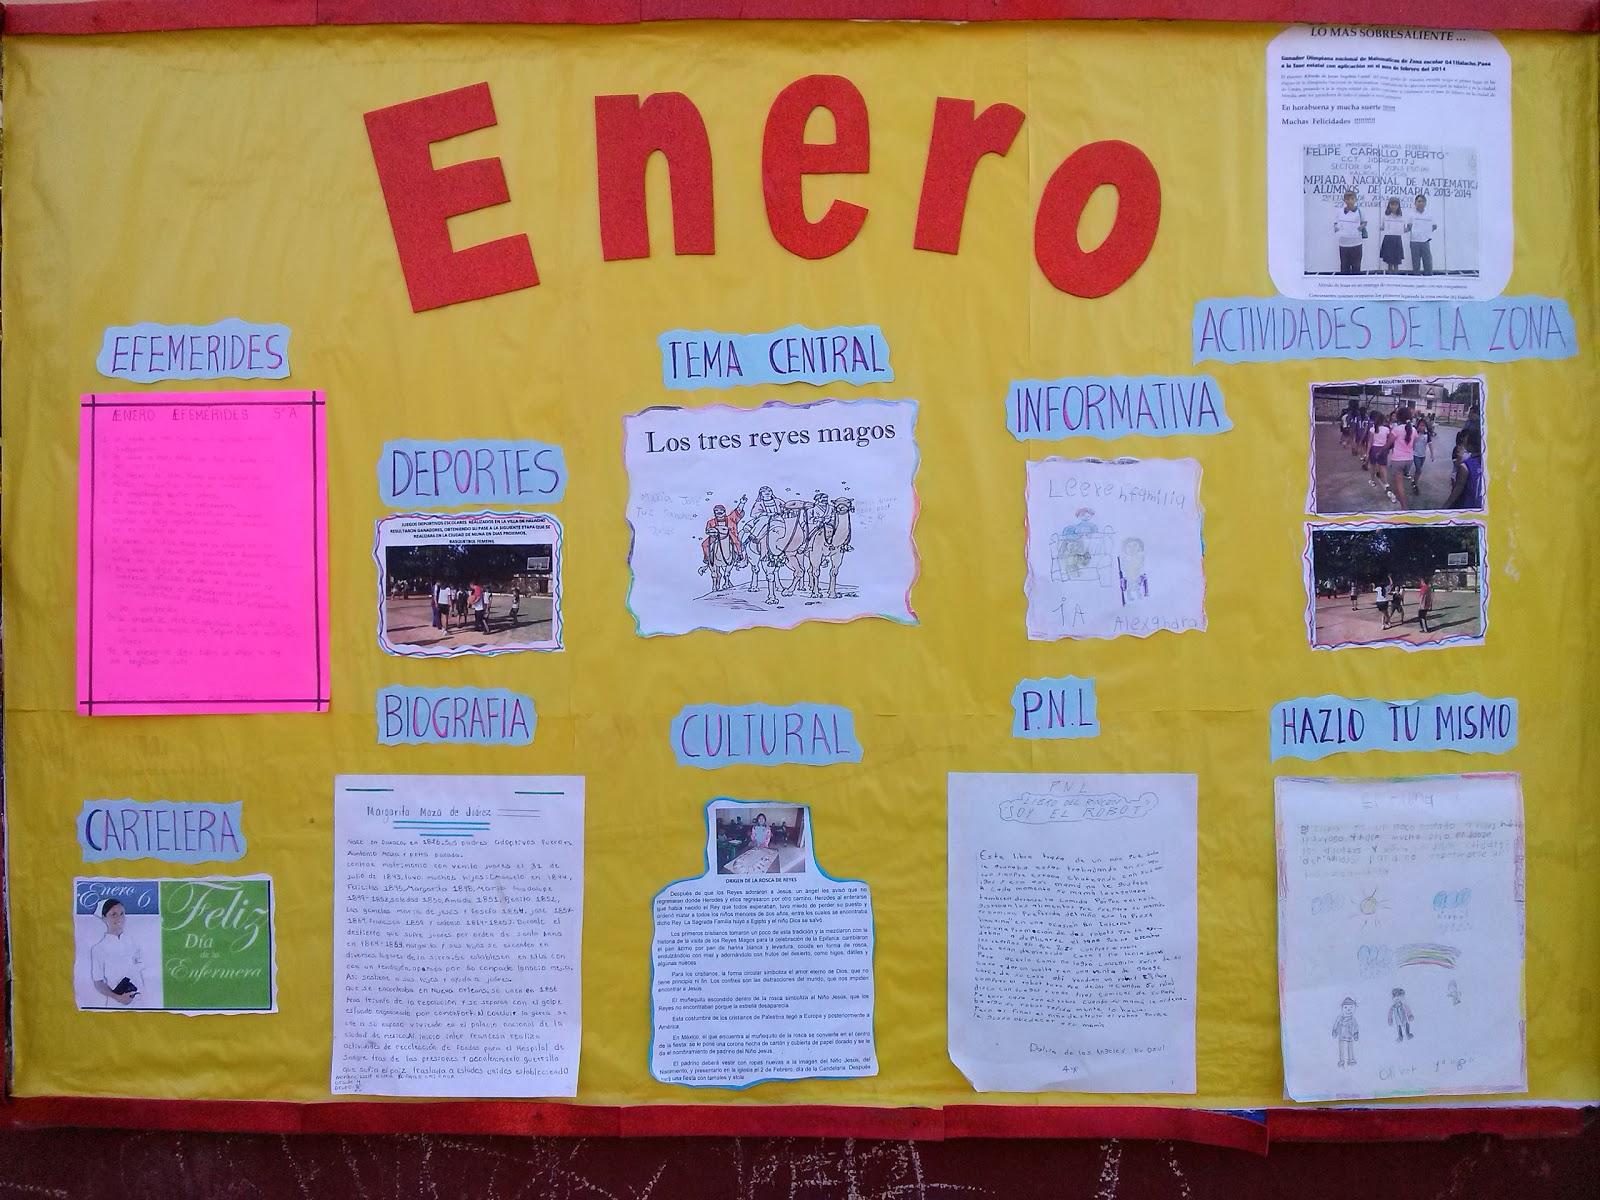 Periodico mura enero 1 imagenes educativas for Cuales son las partes de un periodico mural